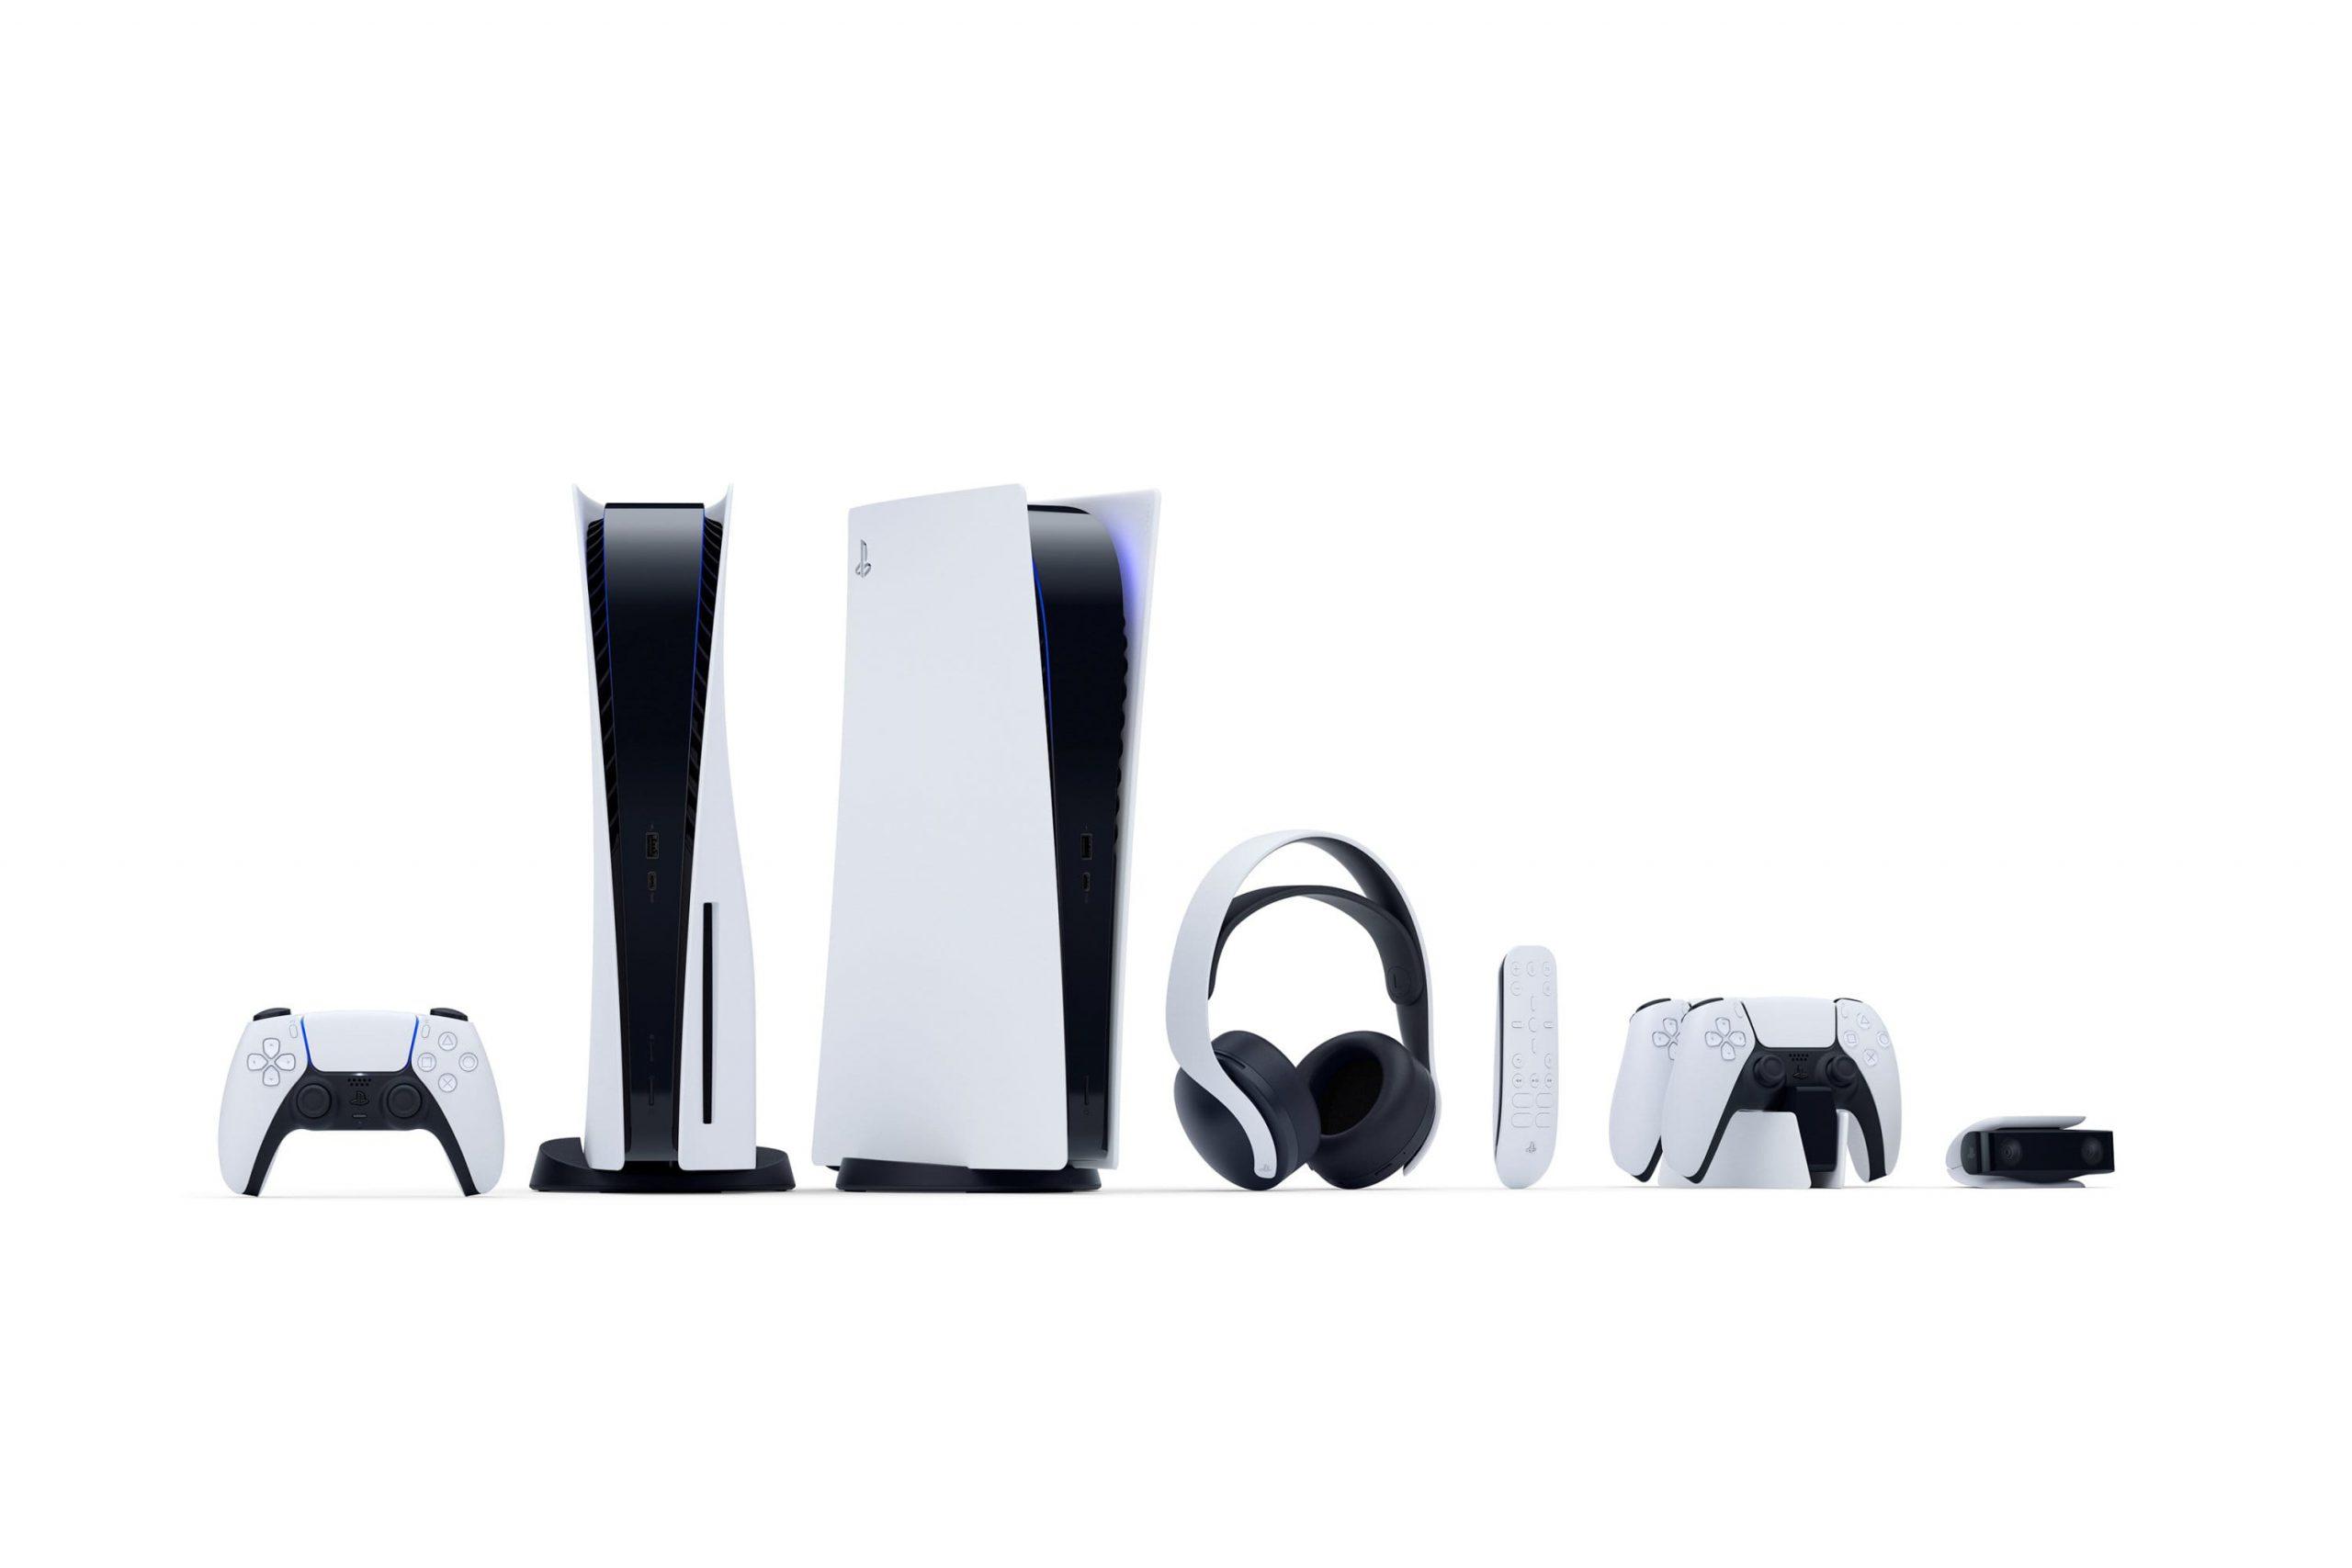 دو مدل از PS5 به همراه لوازم های جانبی